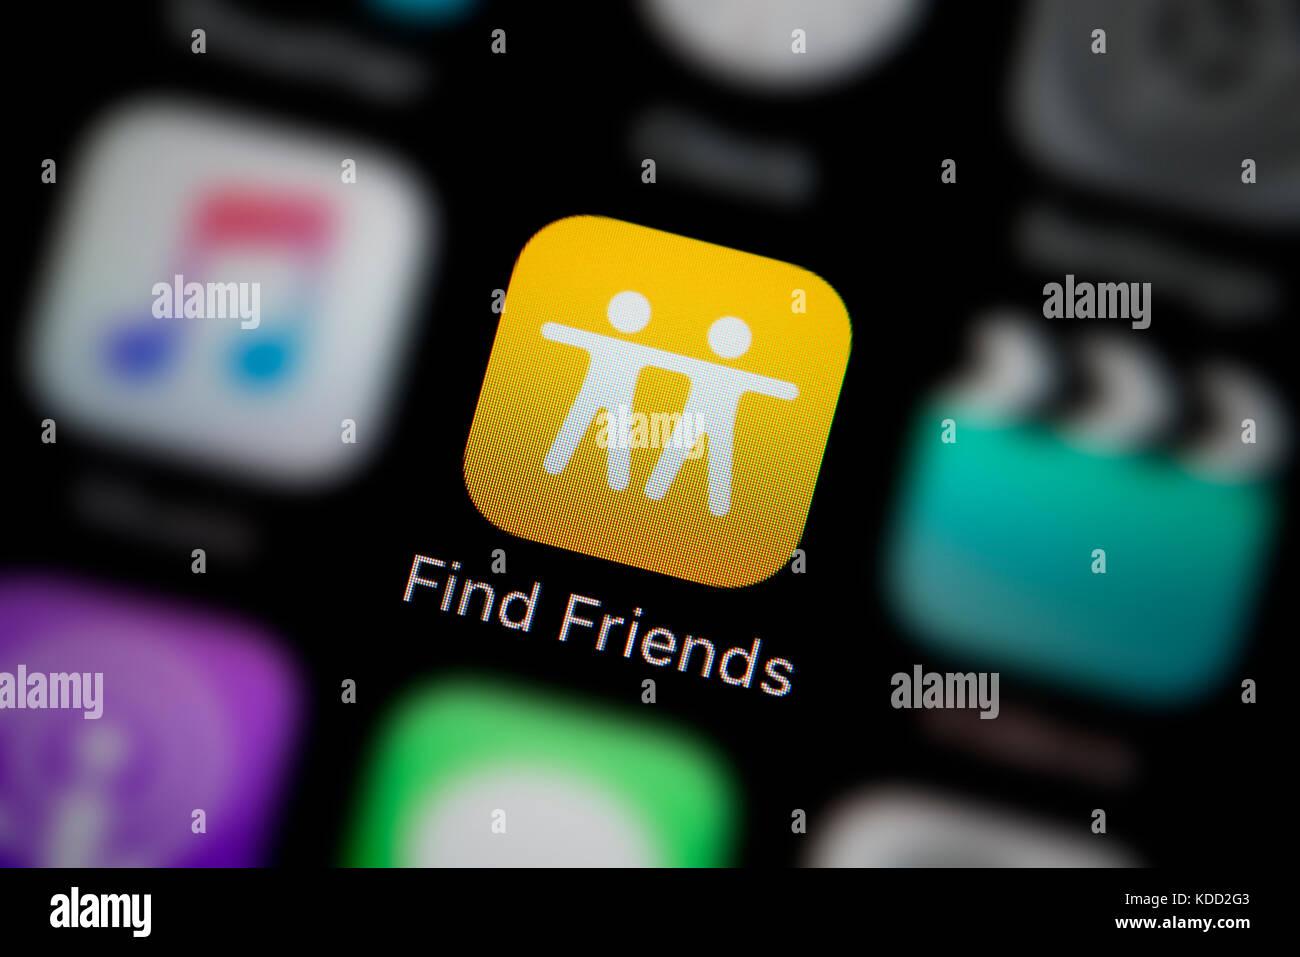 Un primer plano del logotipo que representa encontrar amigos app icono, como se ve en la pantalla de un teléfono Imagen De Stock